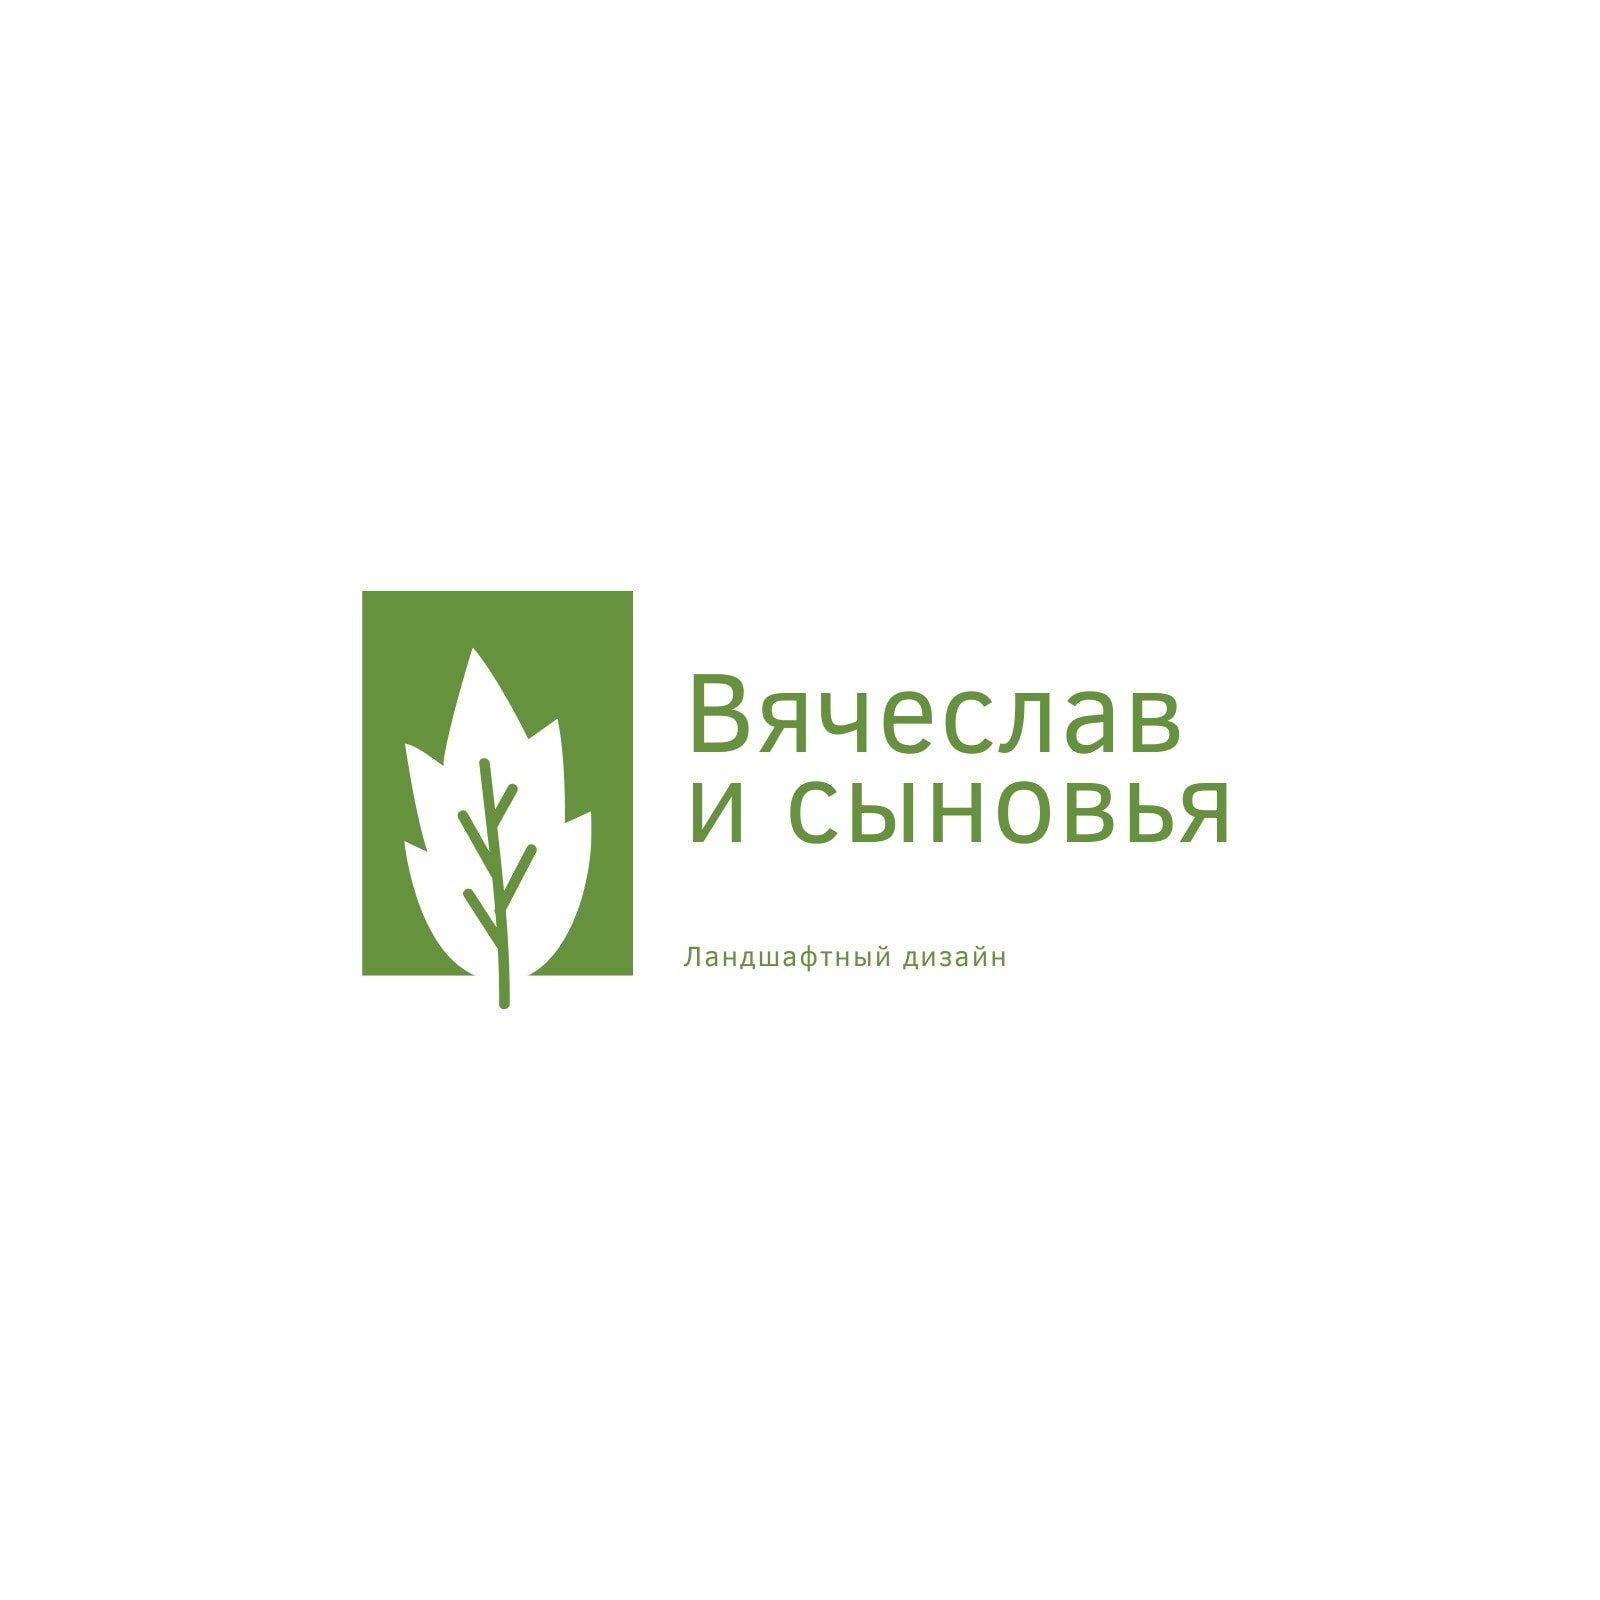 Белый с Зелеными Листьями Ландшафтный Дизайн Логотип